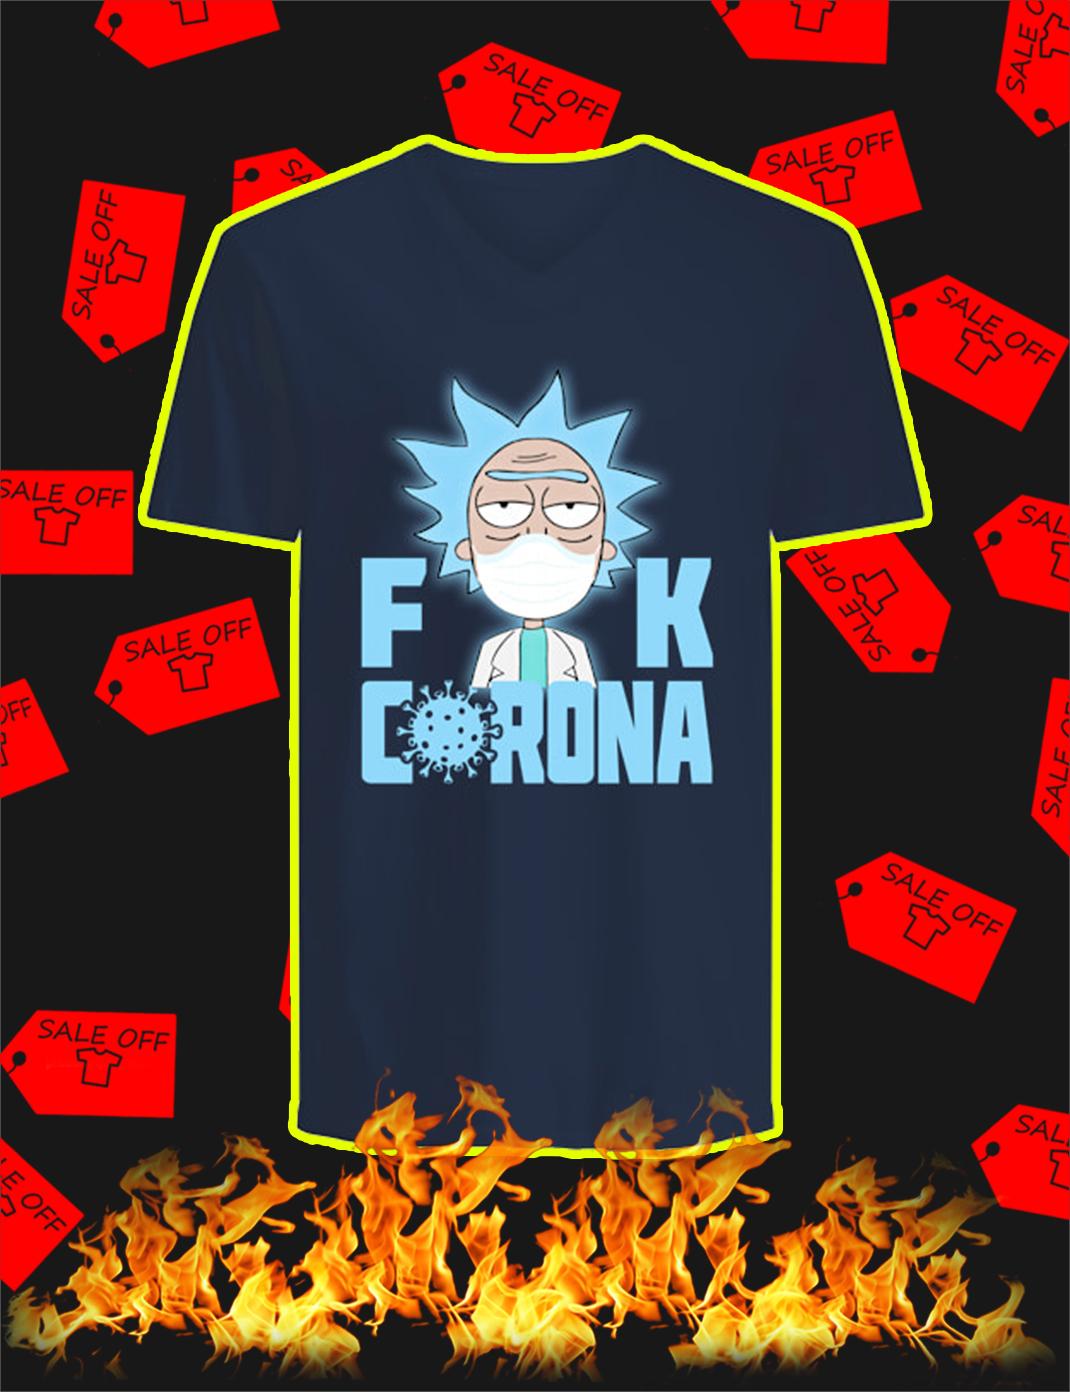 Rick Fuck Corona v-neck